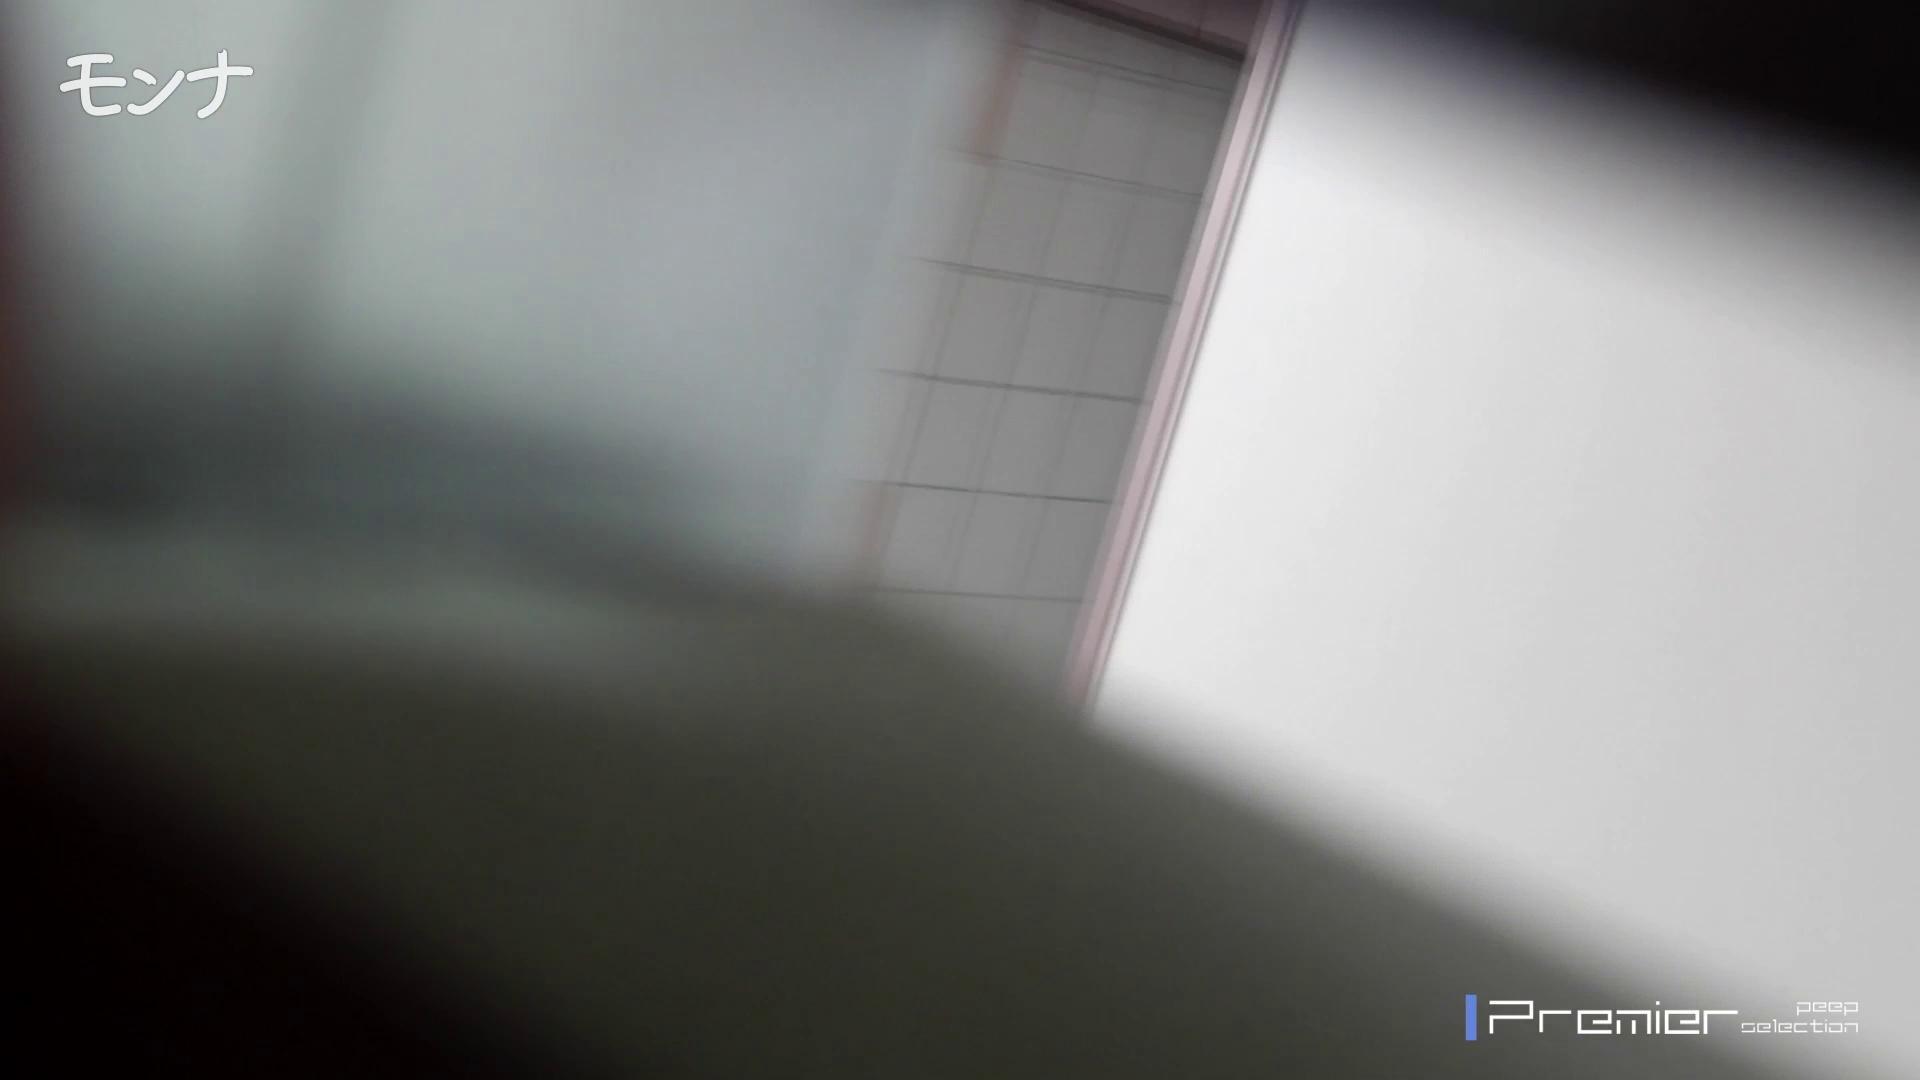 美しい日本の未来 No.23 倉科カナ似です 小悪魔ギャル アダルト動画キャプチャ 110枚 38